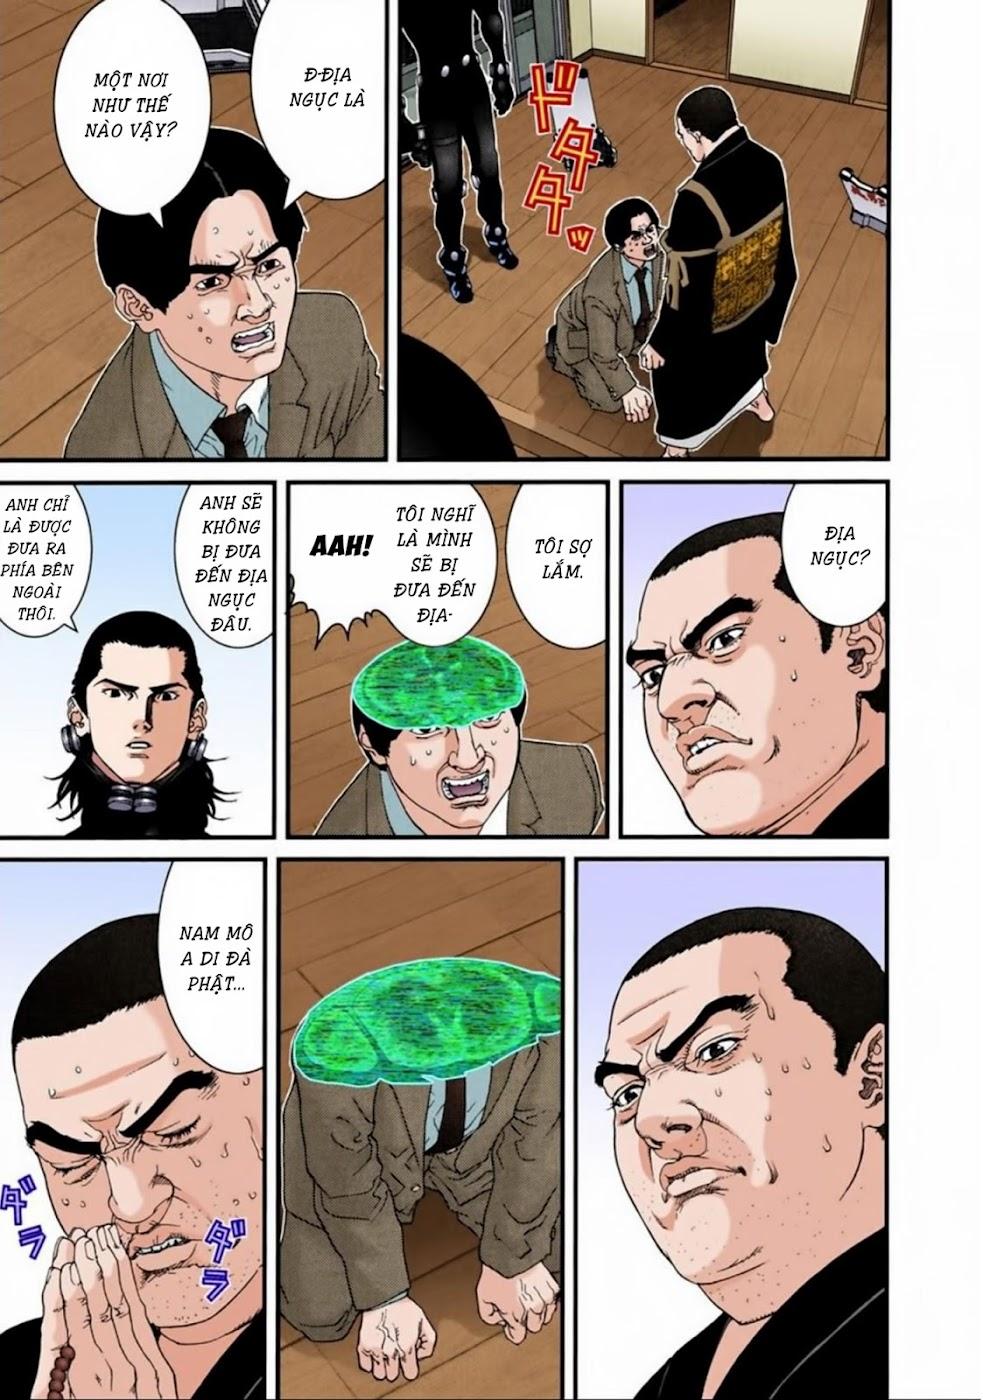 Gantz Chap 61: Cánh cổng trang 5